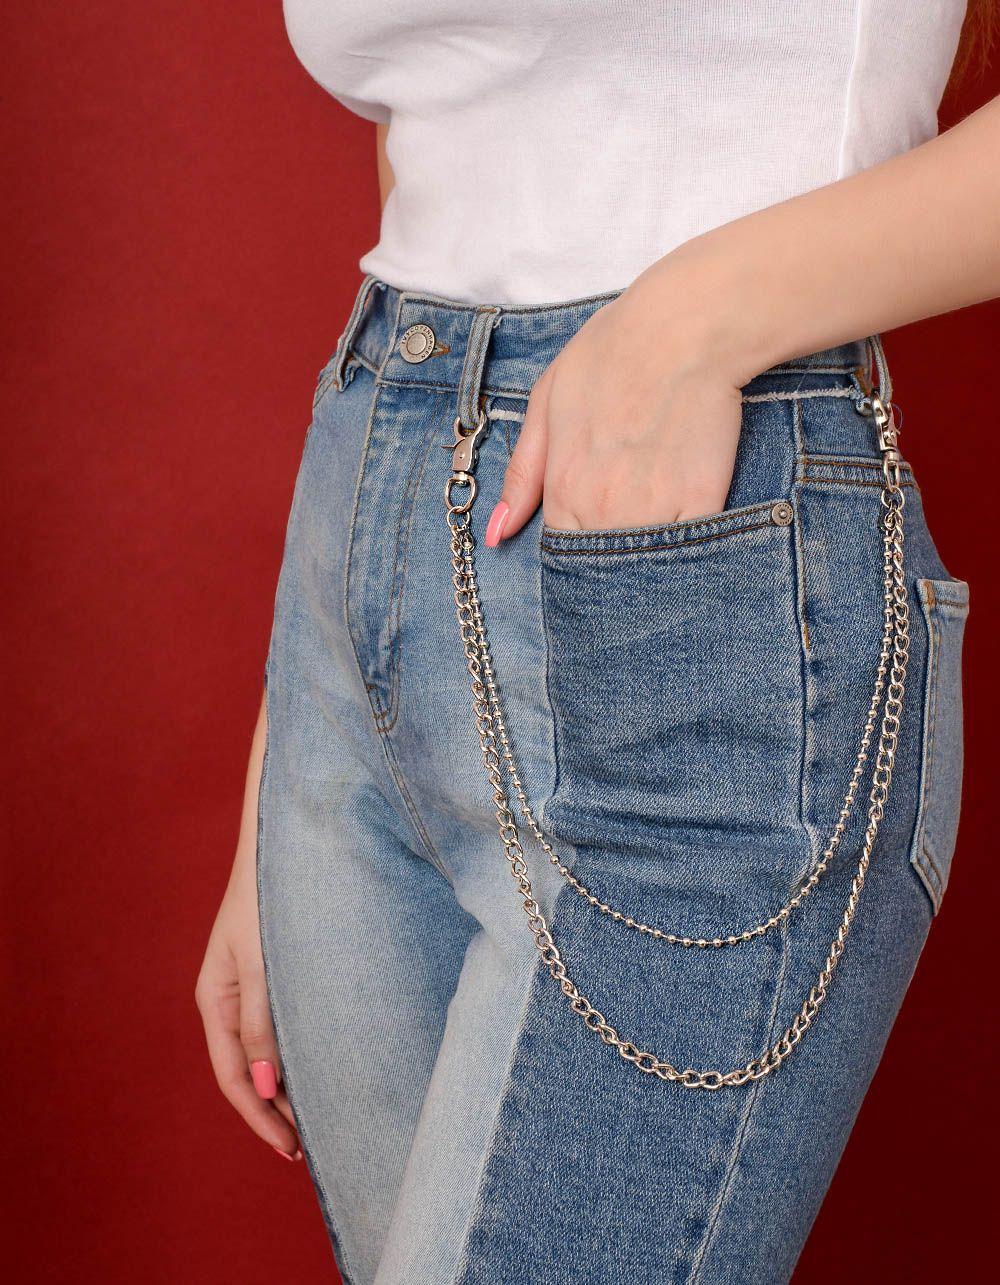 Ланцюжок подвійний на джинси та одяг | 238830-05-XX